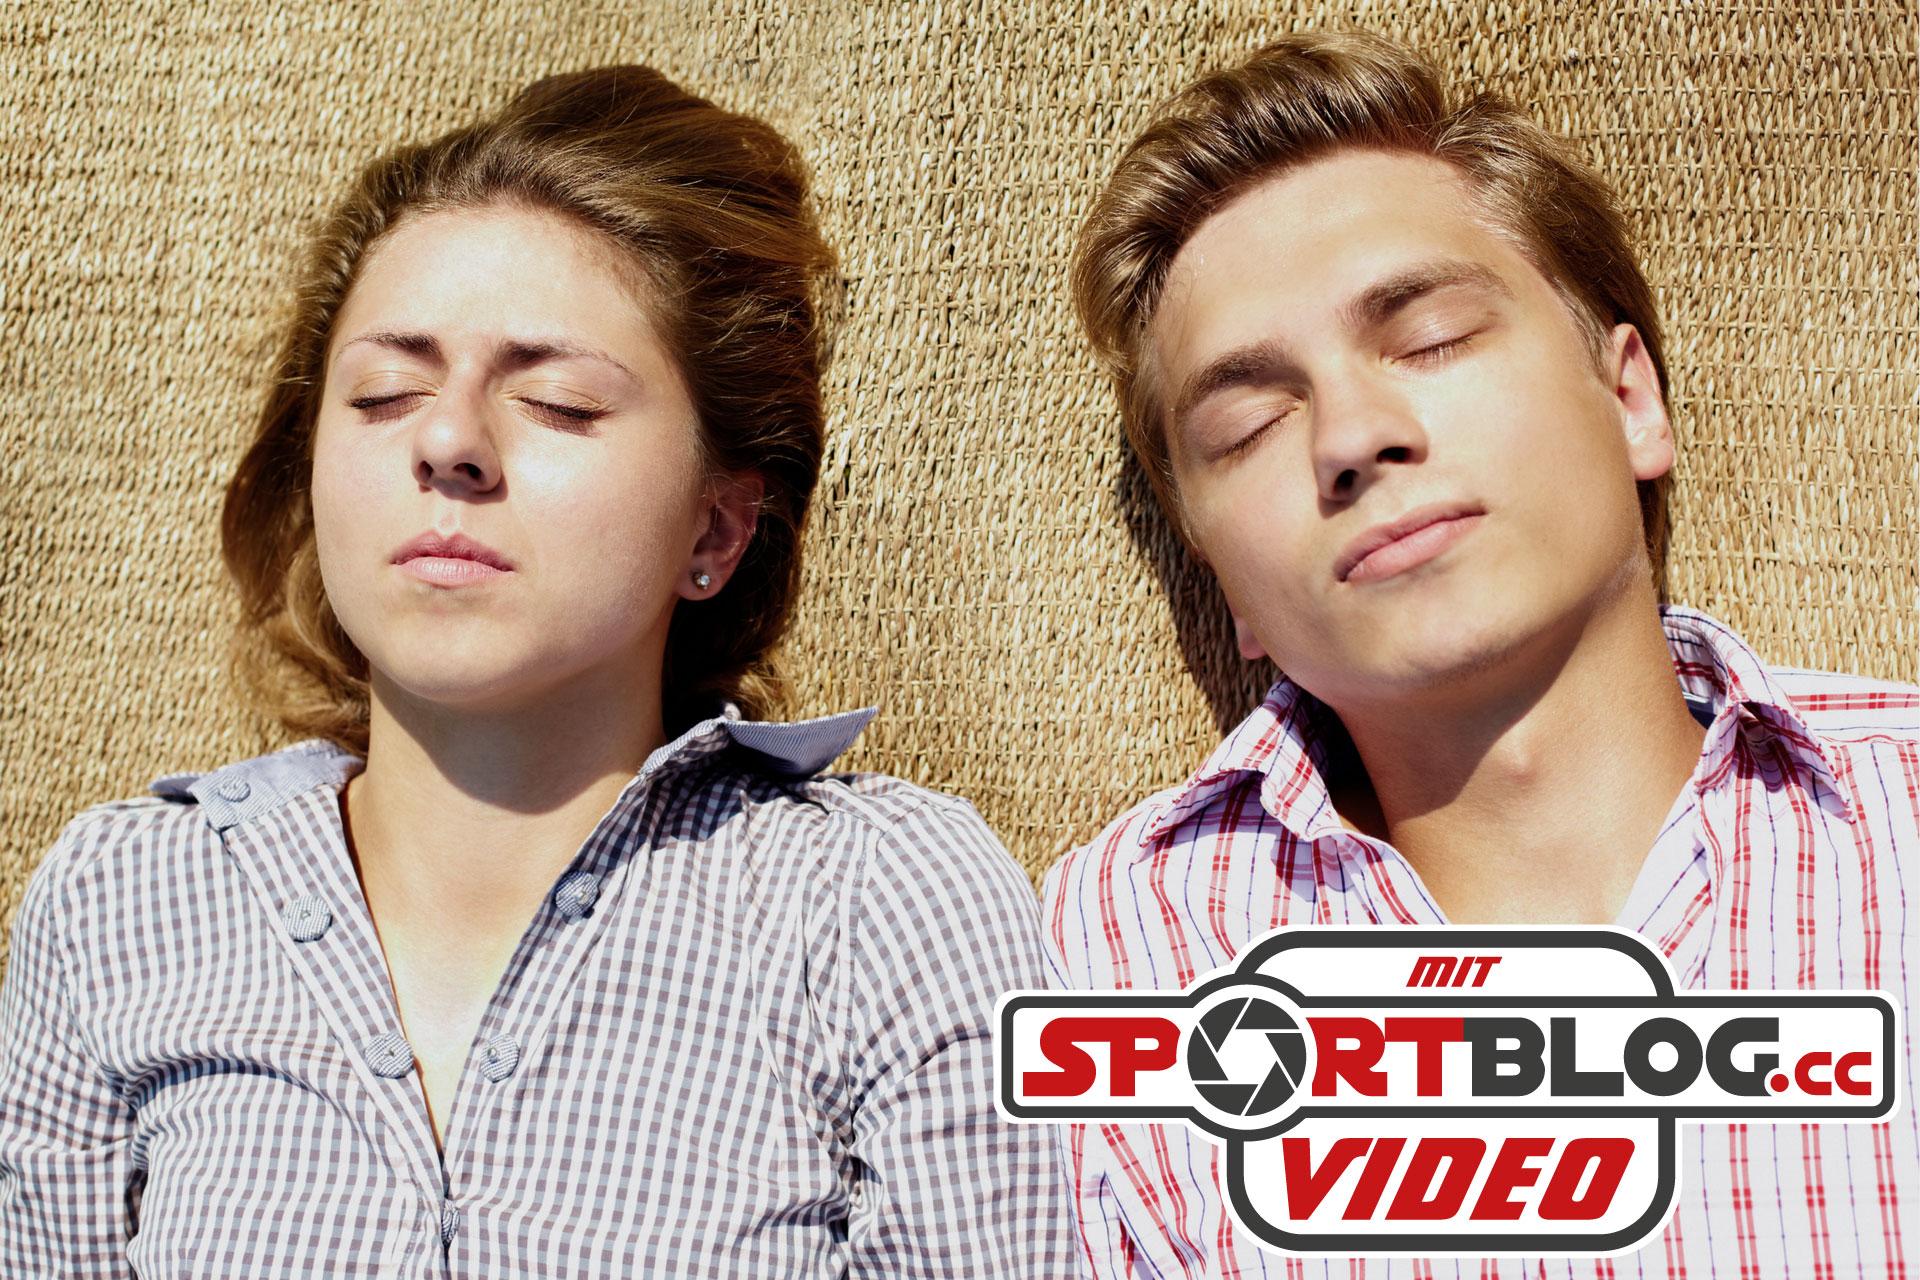 Nädchen und Junge liegen mit geschlossenen Augen auf Strandmatte